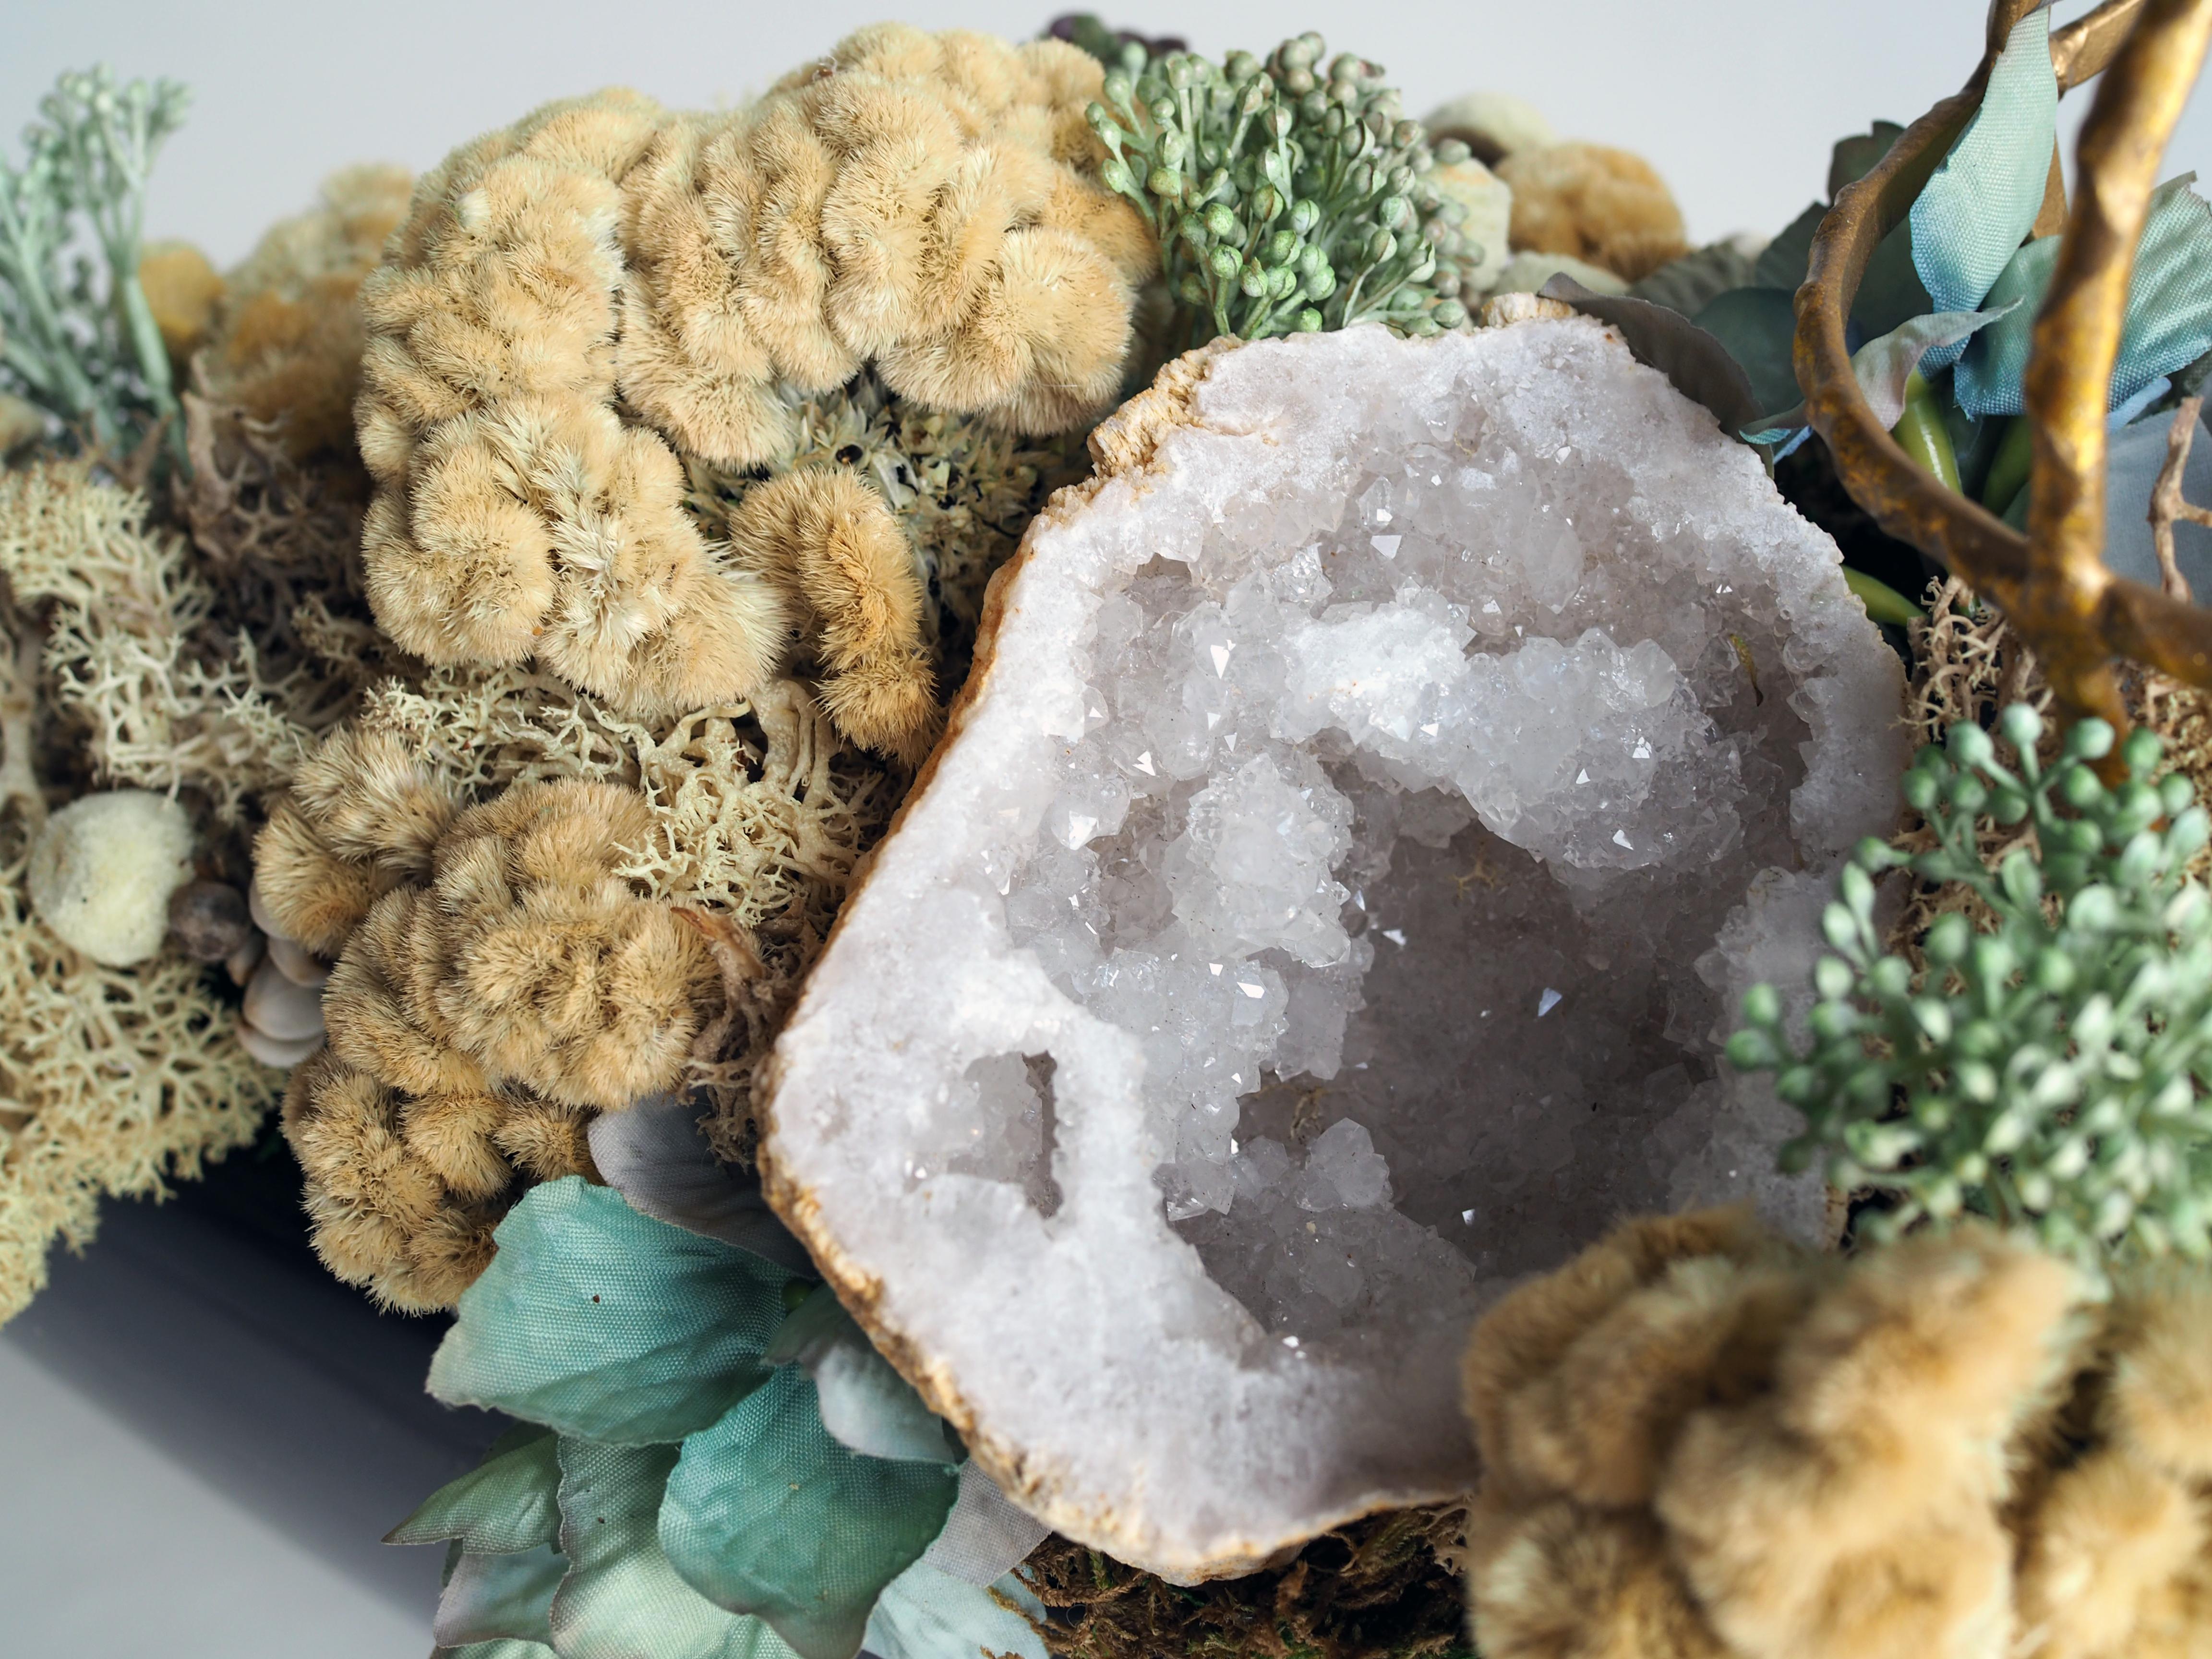 Dried Arrangement with geodes